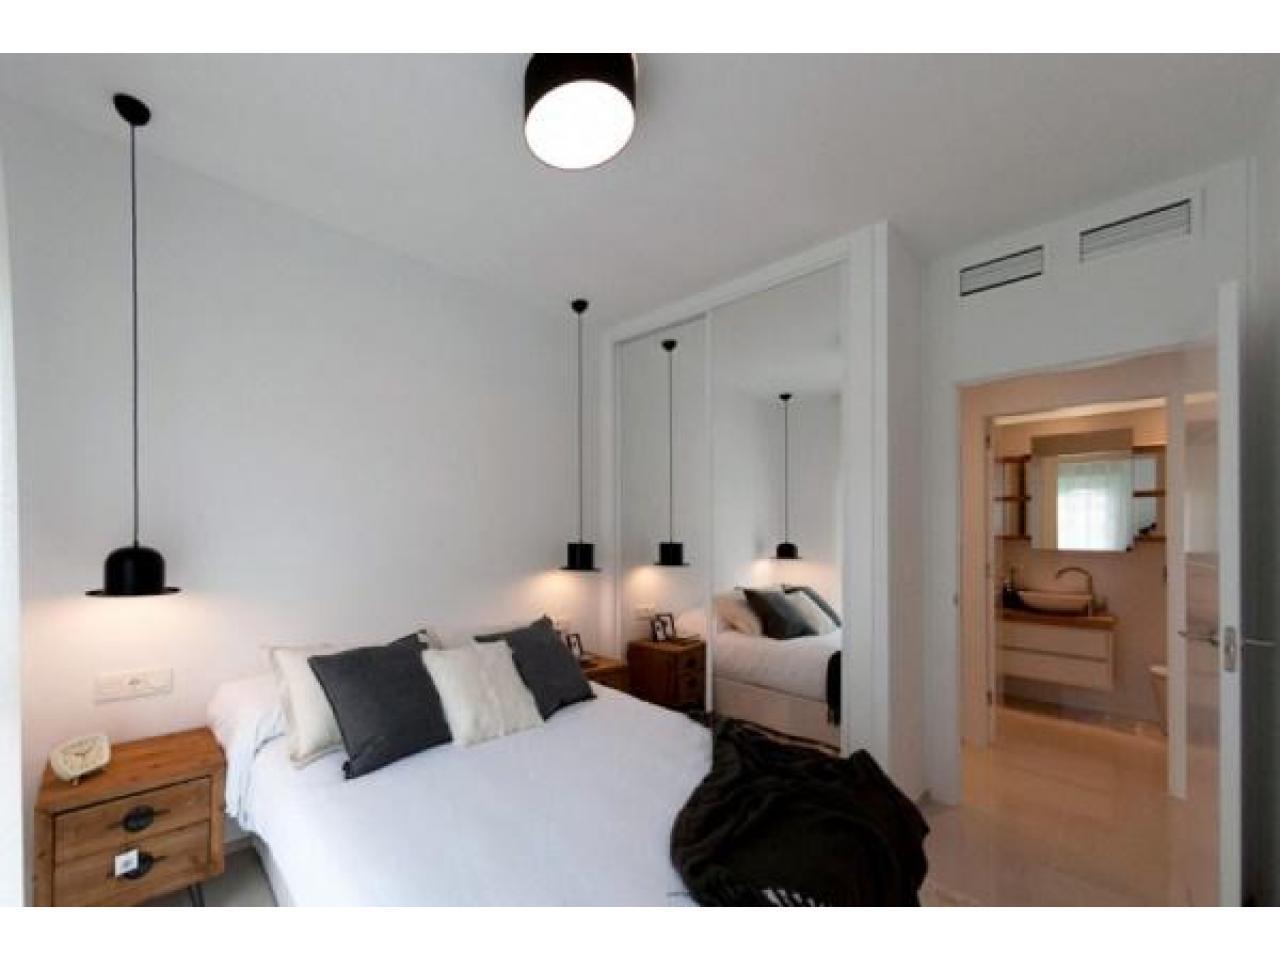 Недвижимость в Испании, Новые бунгало от застройщика в Сьюдад Кесада,Коста Бланка,Испания - 6